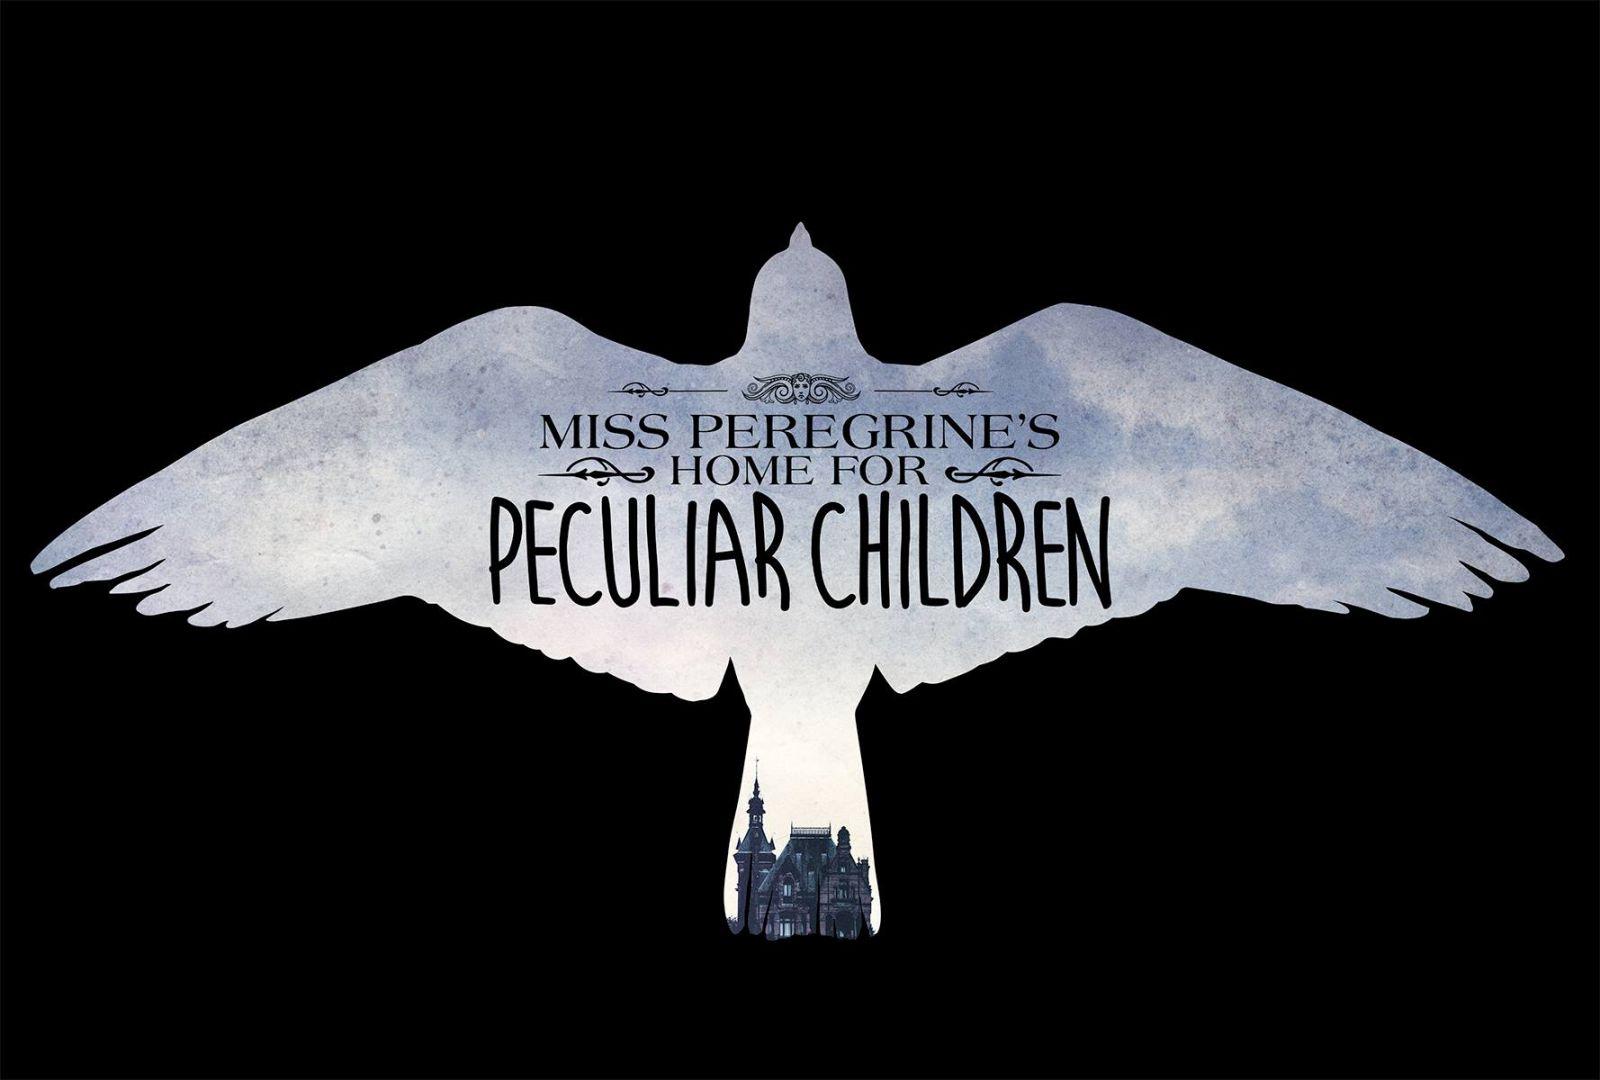 Отказавшись от создания сиквела «Алисы в Стране чудес», режиссер Тим Бертон вместо этого экранизир